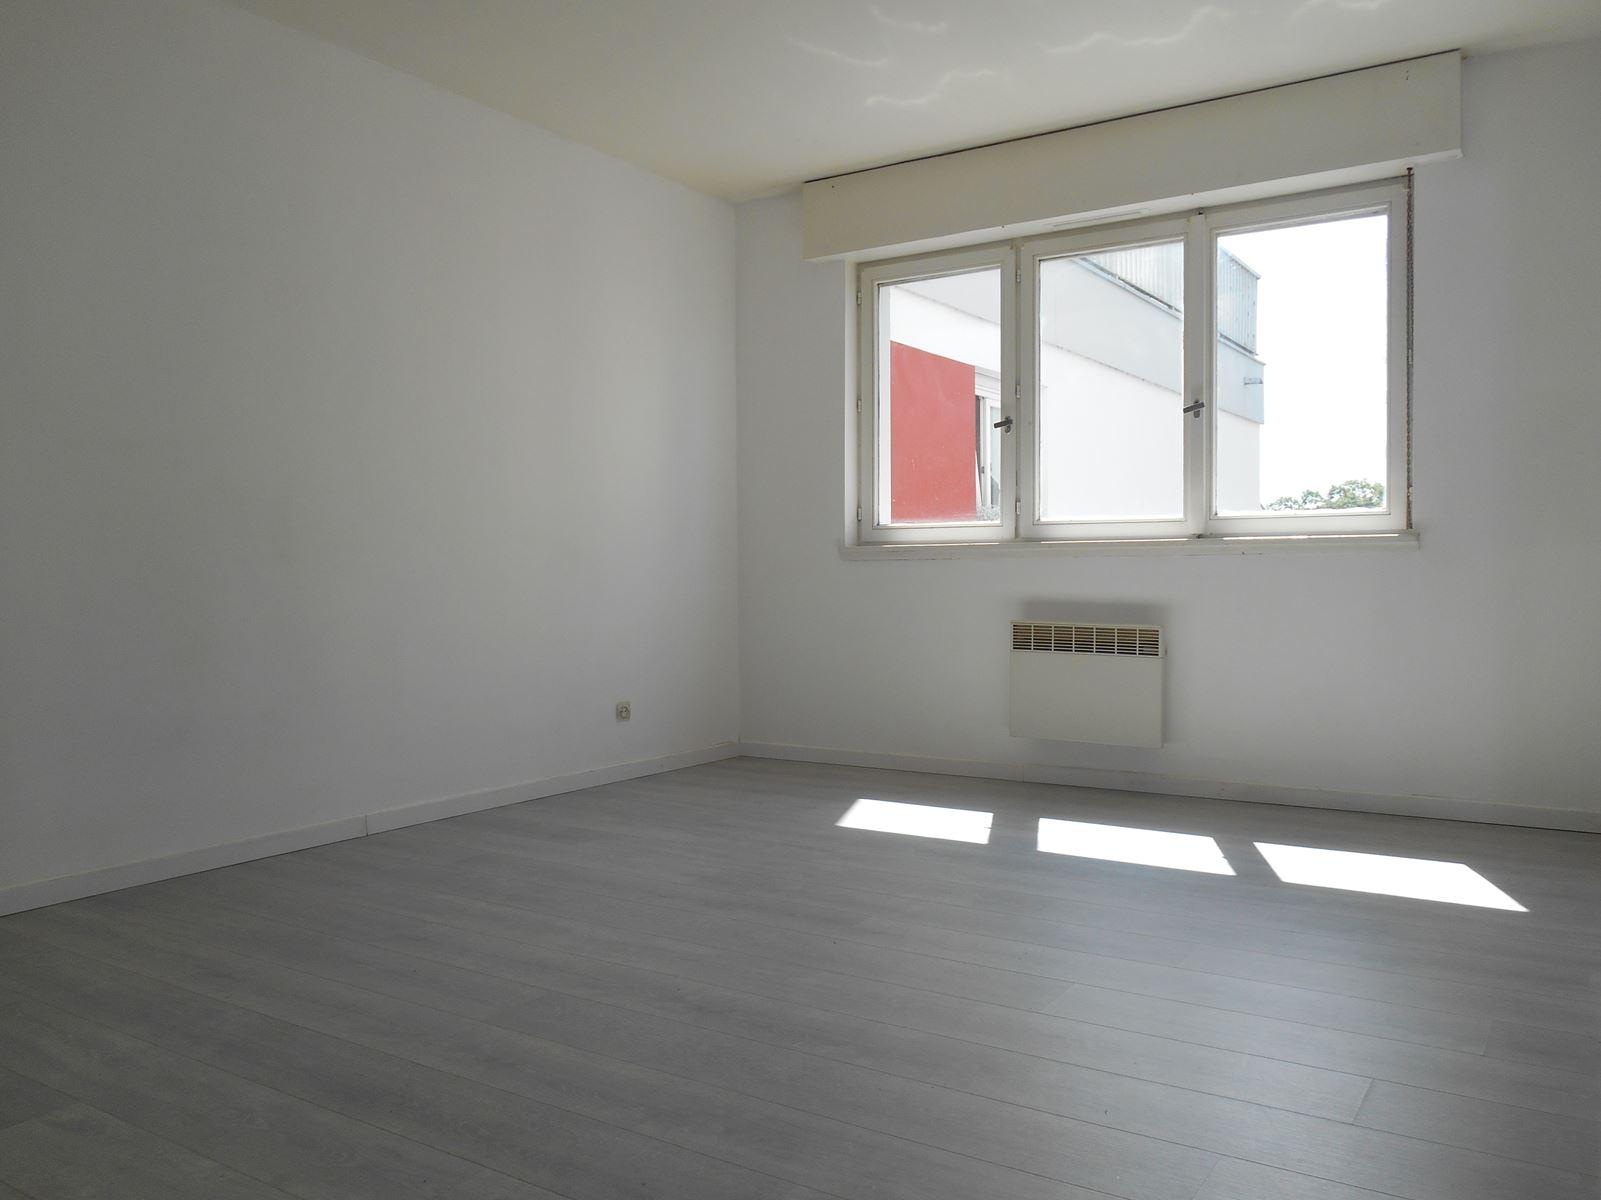 [Le Moustique] Spacieux 3 pièces avec balcon - Koenigshoffen / rte des Romains - nos locations - Beausite Immobilier 4